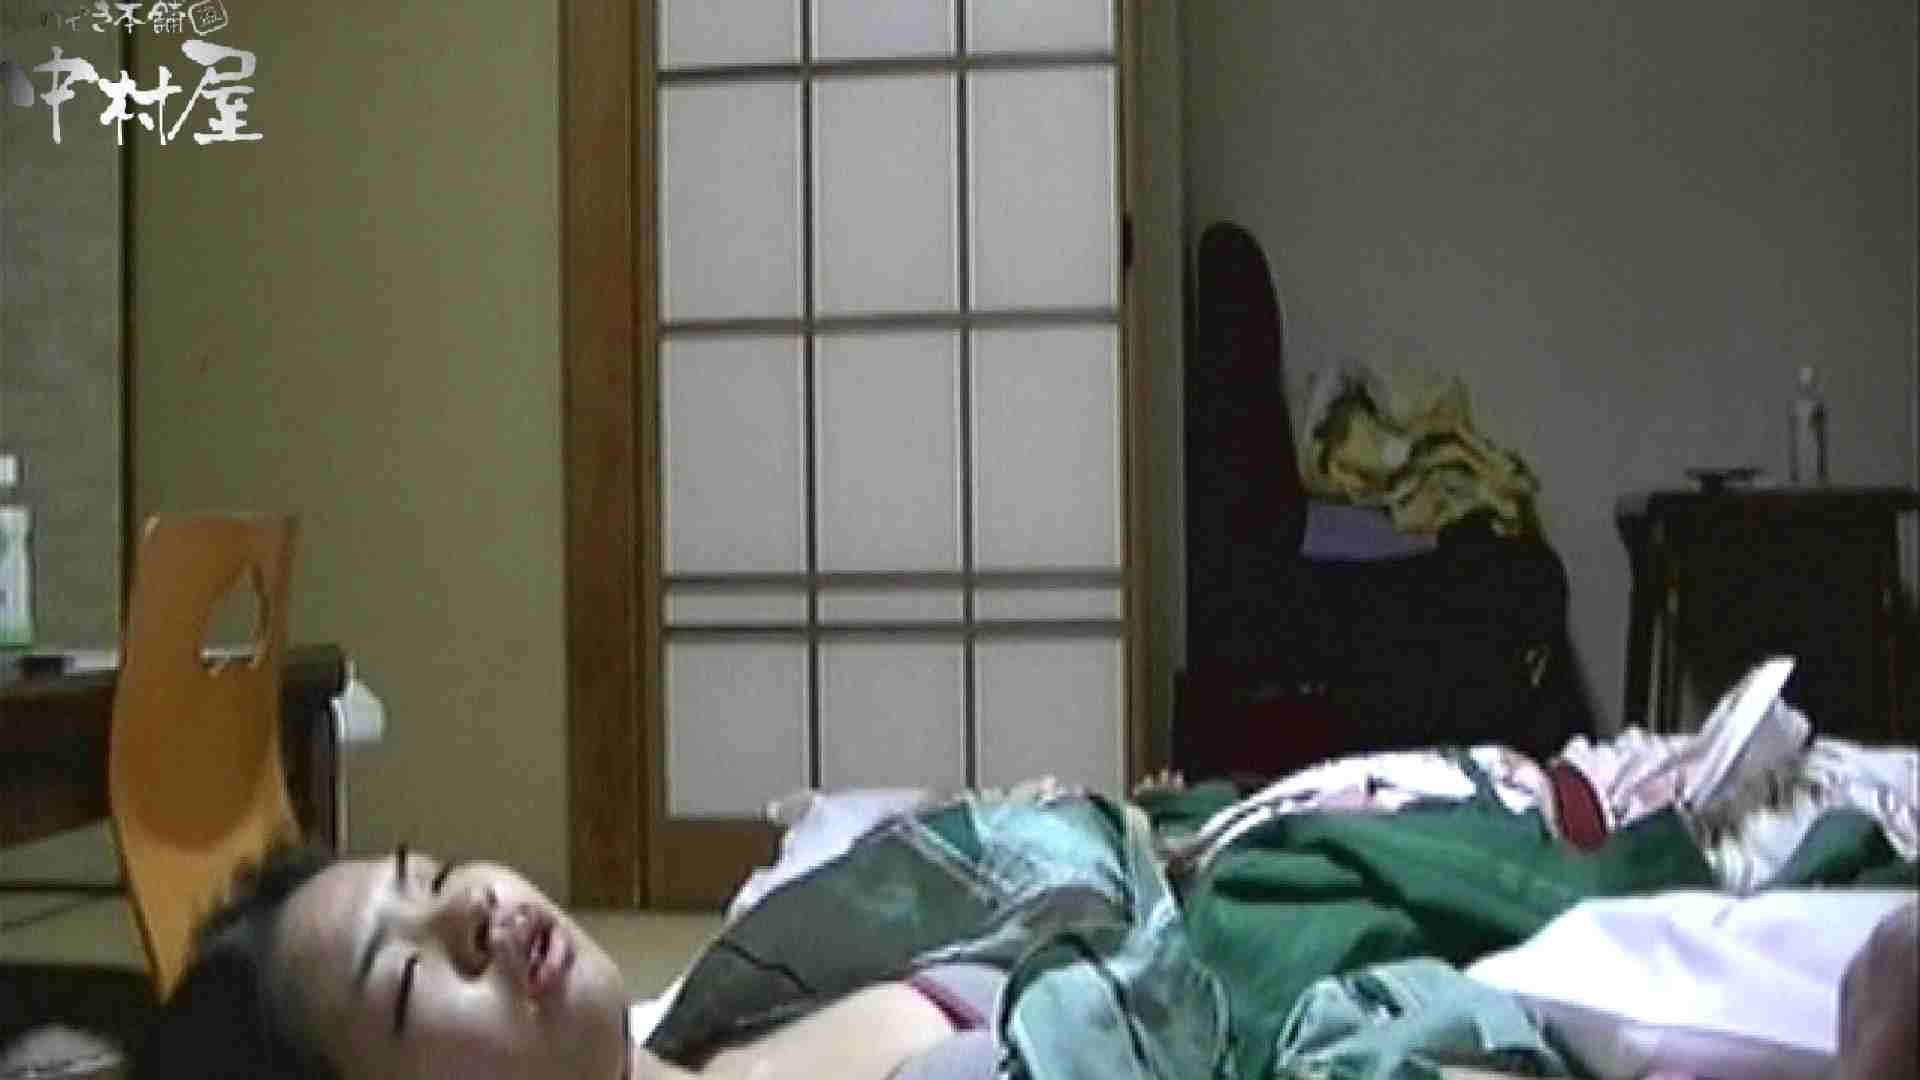 ネムリ姫 vol.07 OLセックス 盗撮われめAV動画紹介 71画像 17